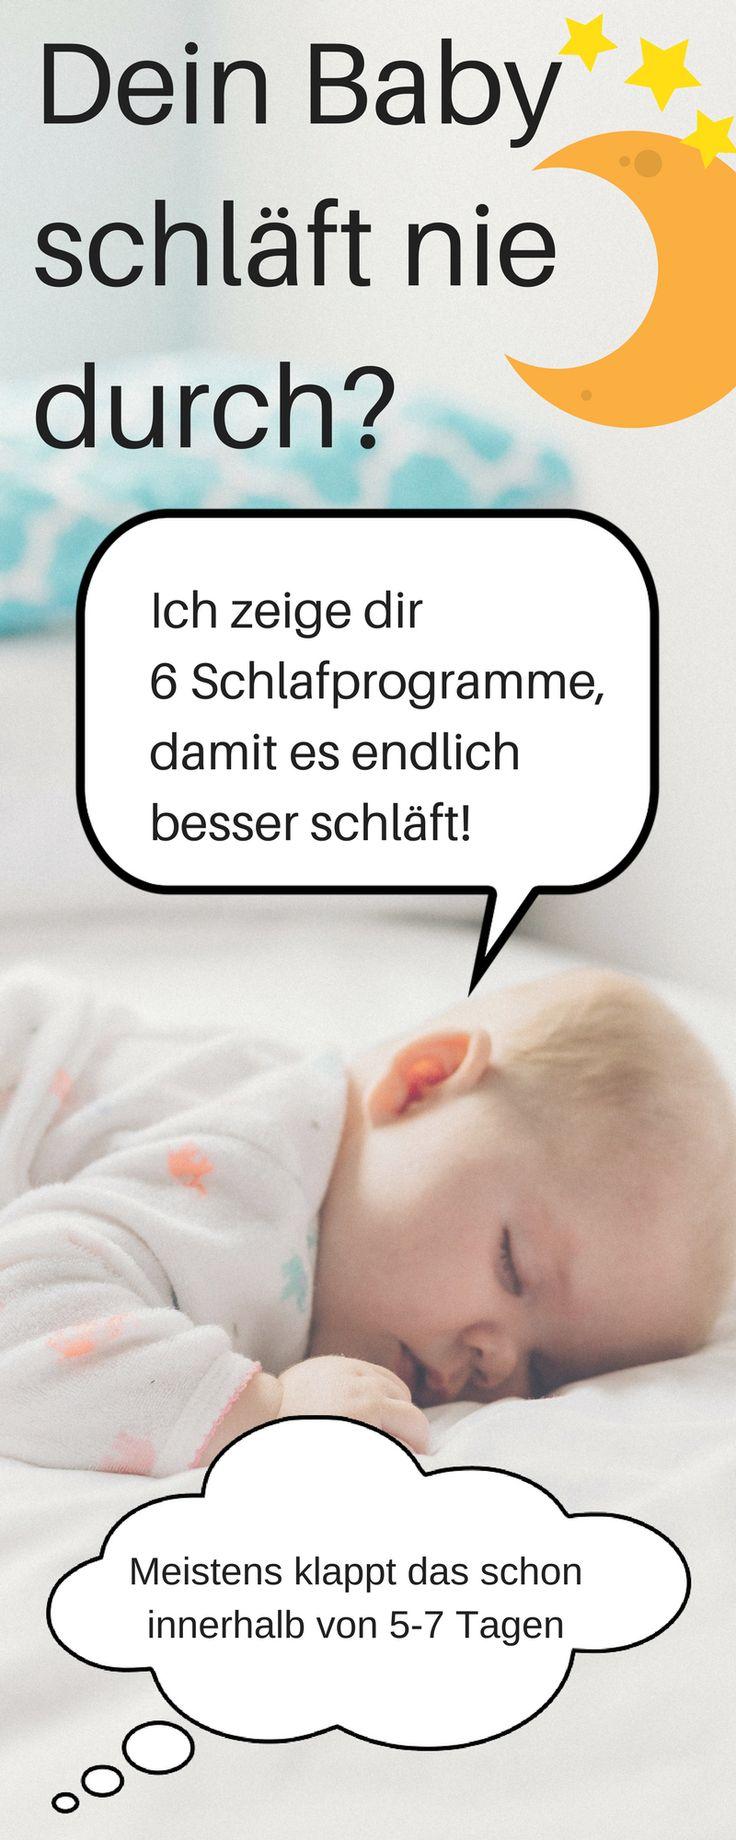 8 verschiedene Methoden, damit dein Baby endlich besser schläft. Baby schlafen lernen, Baby schlafen anziehen, baby schlafen Kleidung, baby schlafen lustig, baby einschlafen taschentuch, baby einschlafen ohne stillen, einschlafen ohne Schnuller, einschlafen ohne stillen, schlaf baby anziehen,schlaf baby zimmer #baby #einschlafen #schwanger